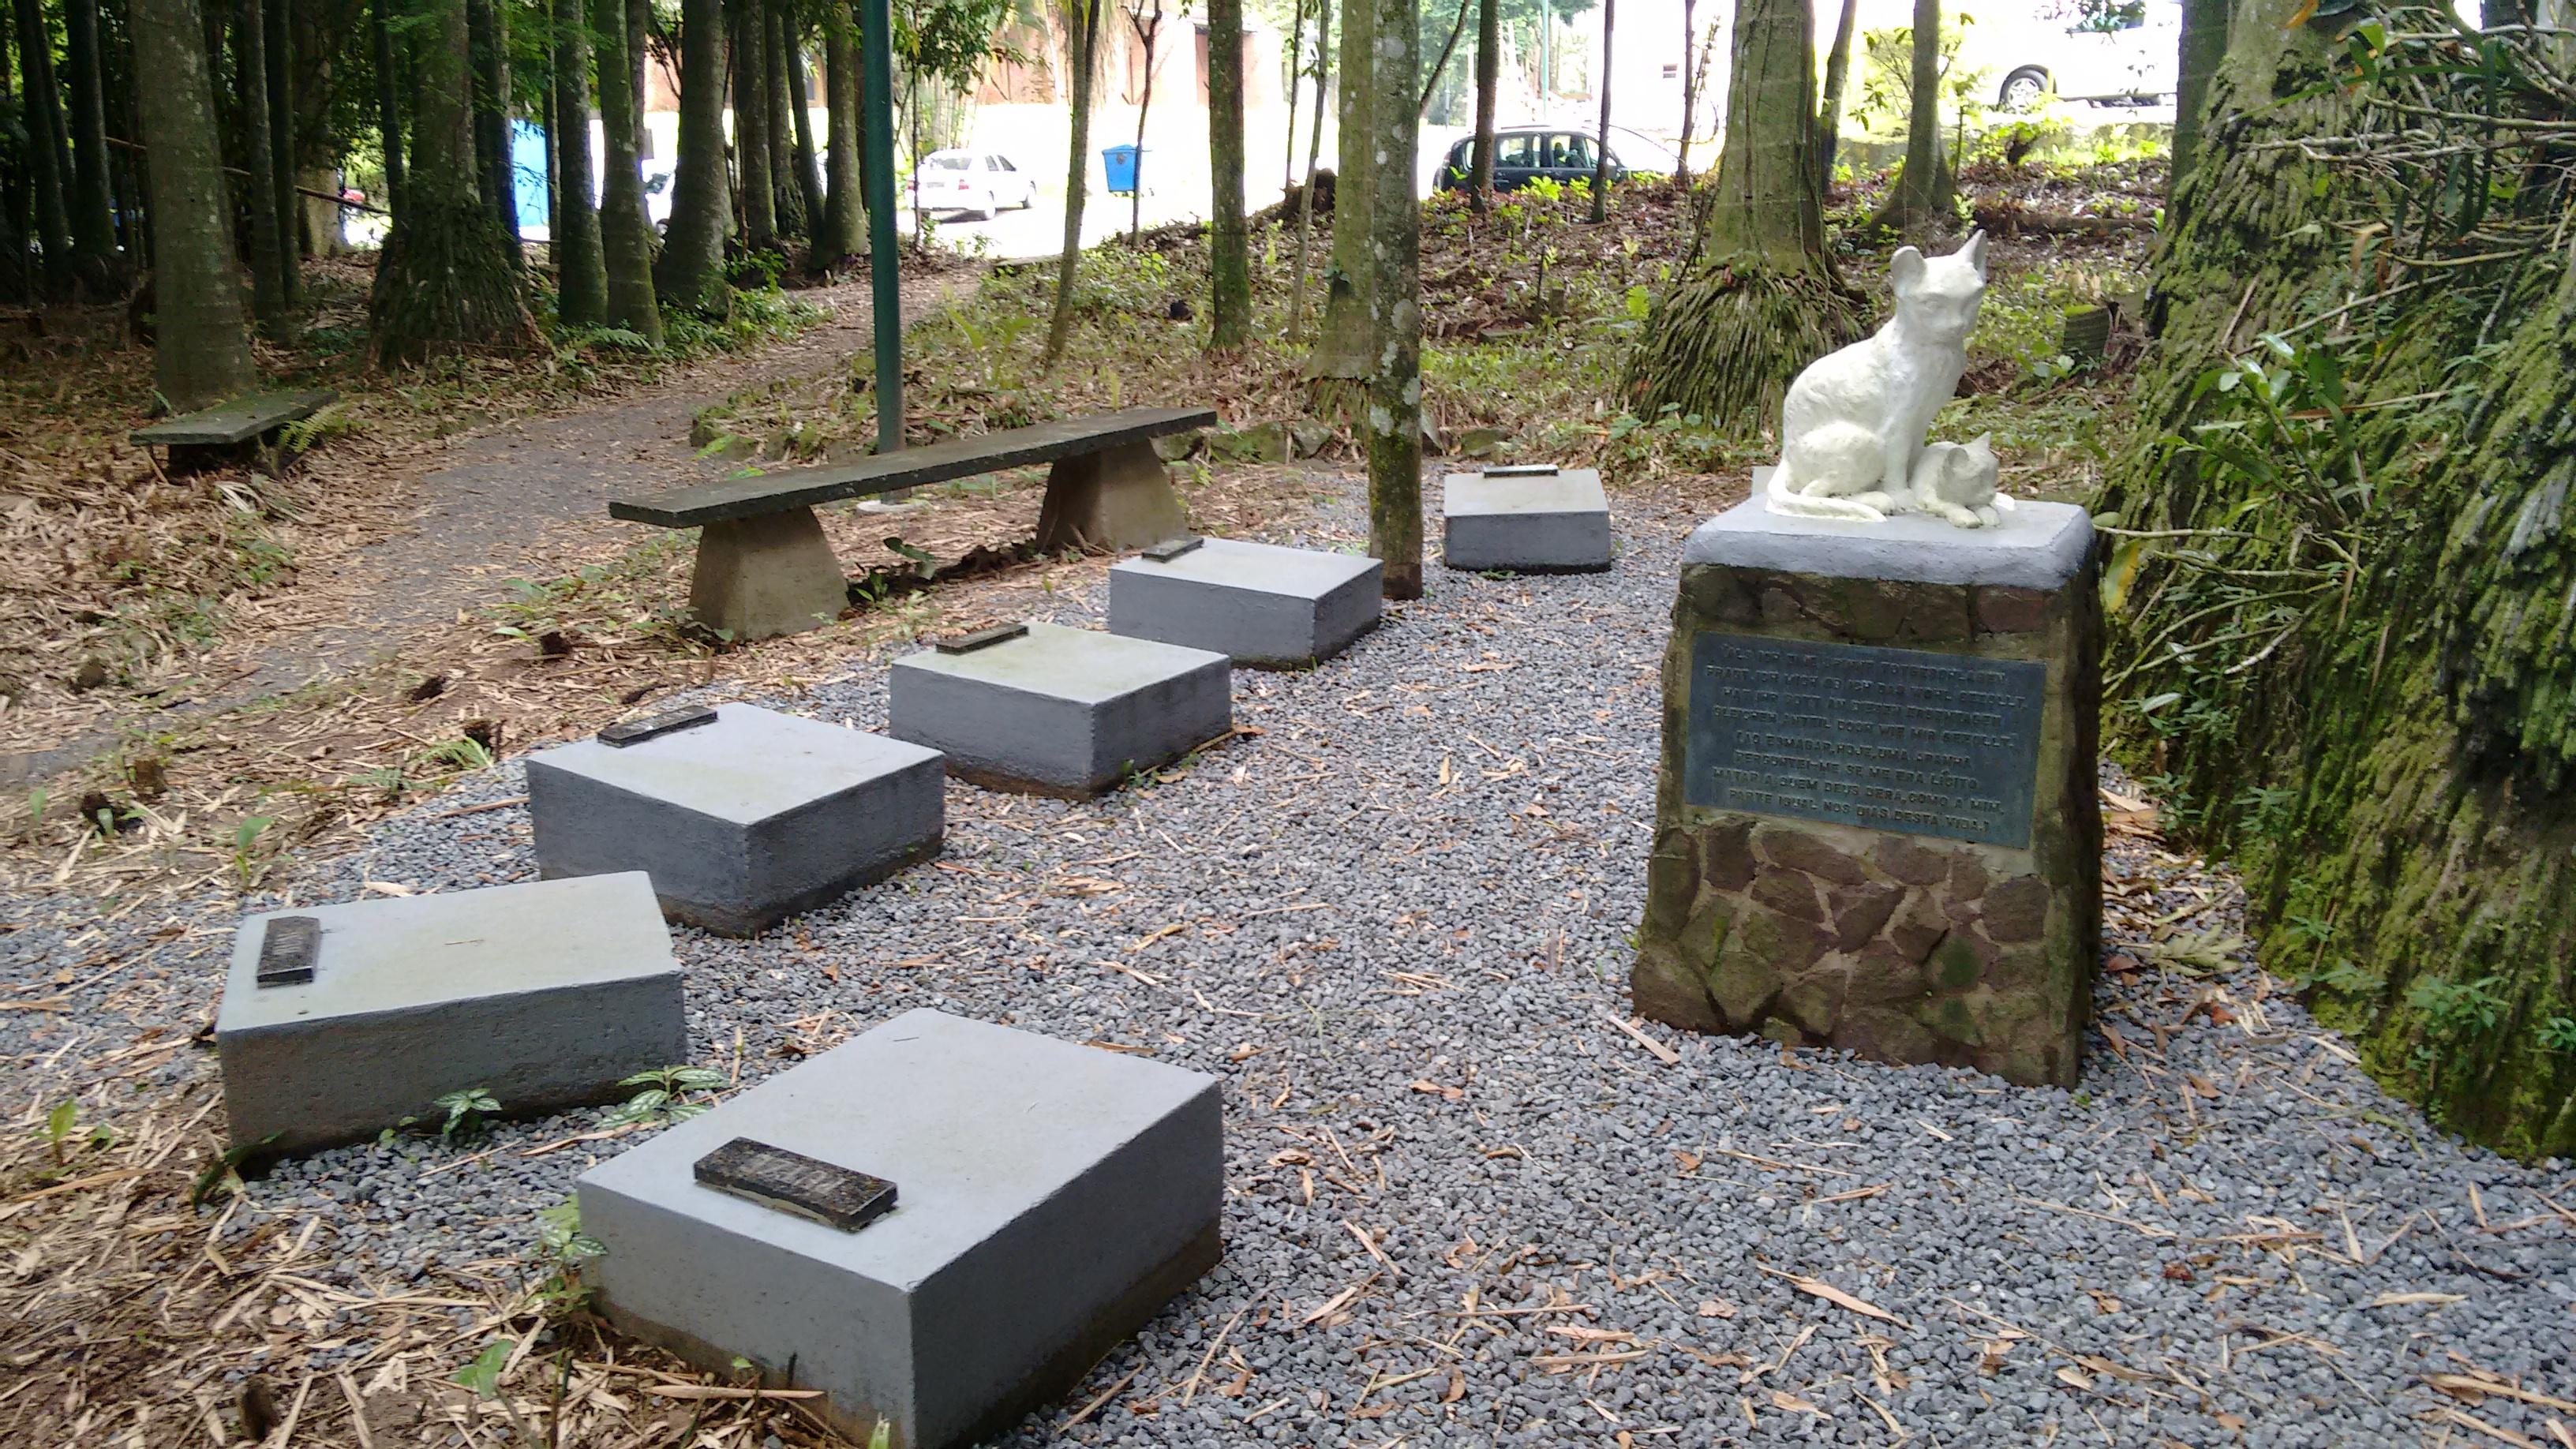 cemiterio-de-gatos-2